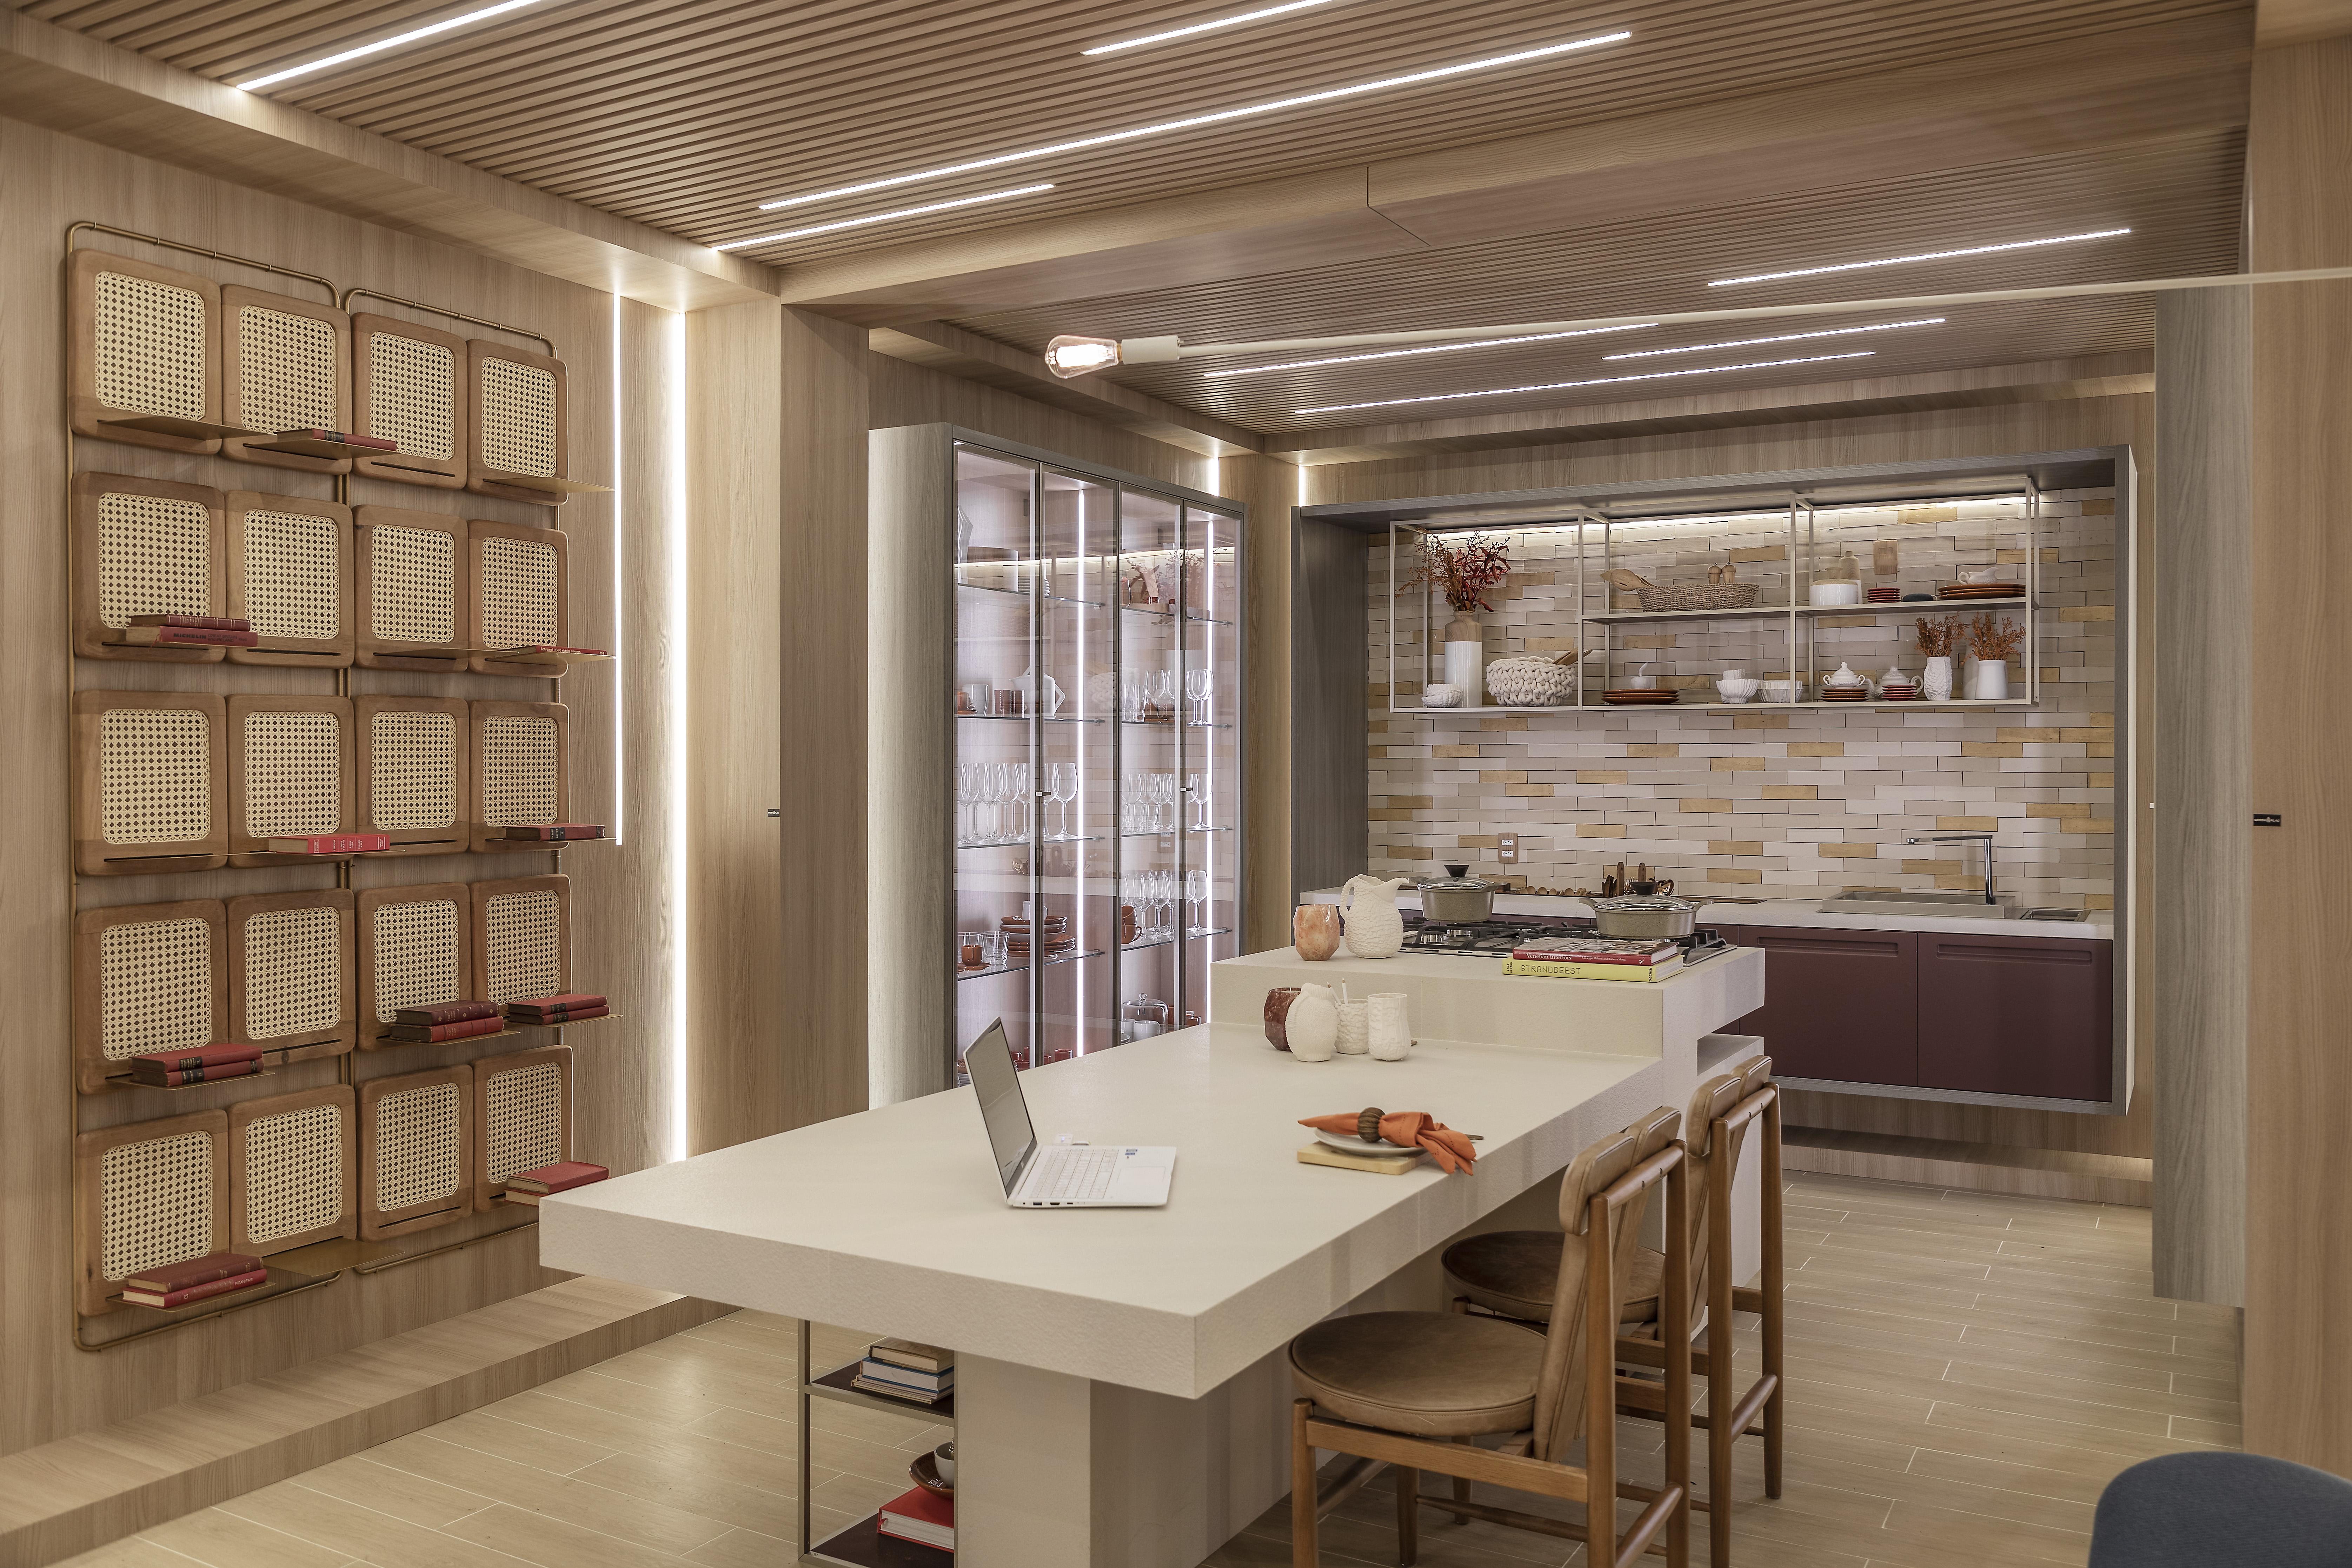 O Estúdio Conexão, coliving proposto por Barbara Jalles para a CASACOR São Paulo 2019.